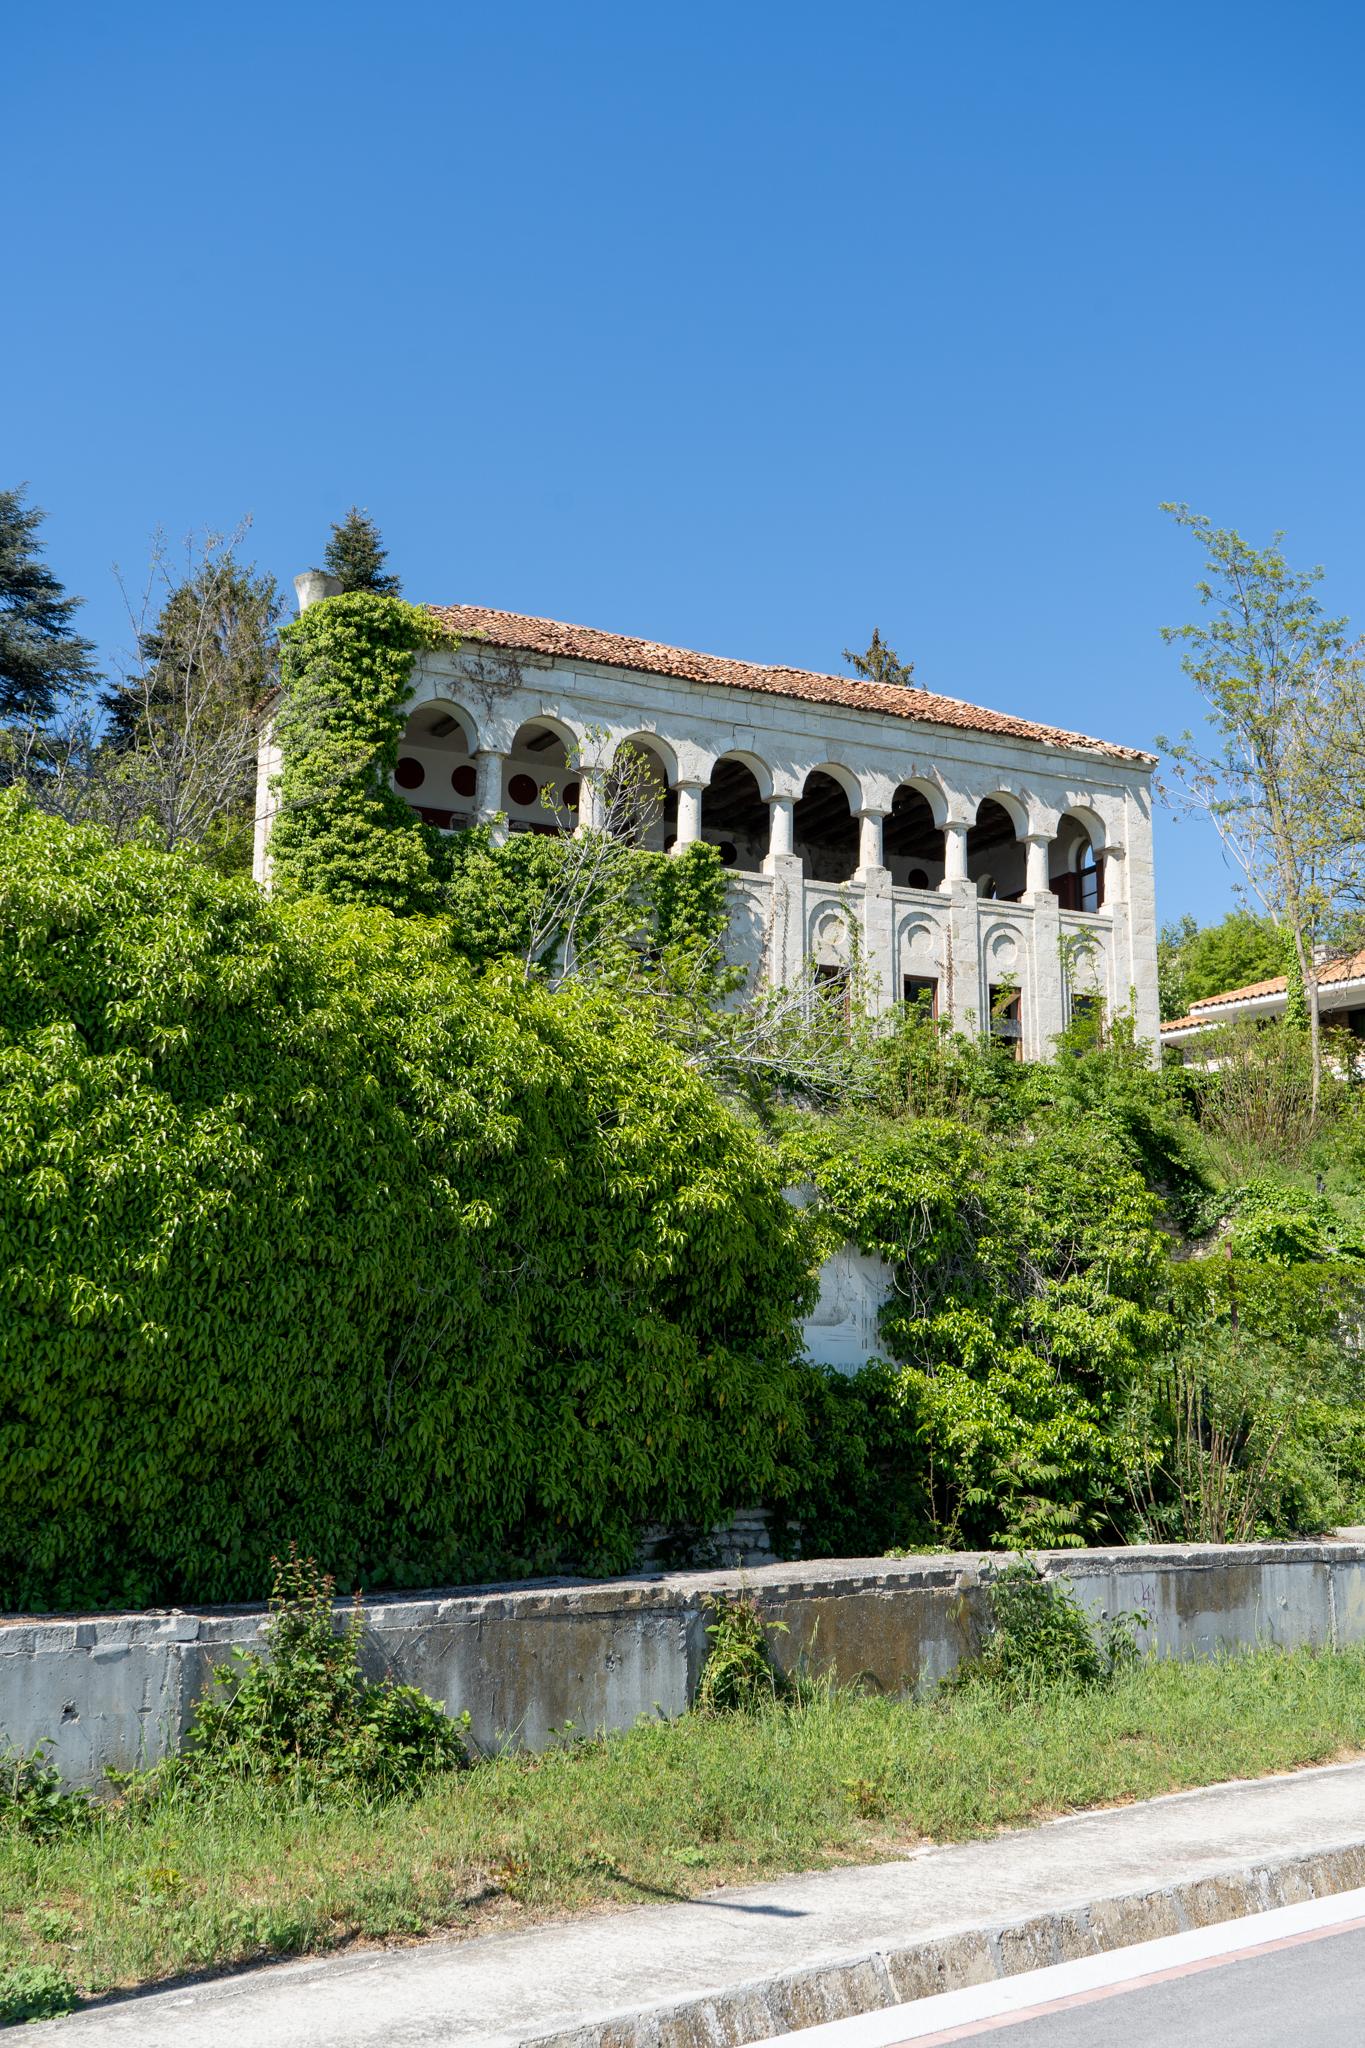 Sommerpalast in Baltschik in BUlgarien